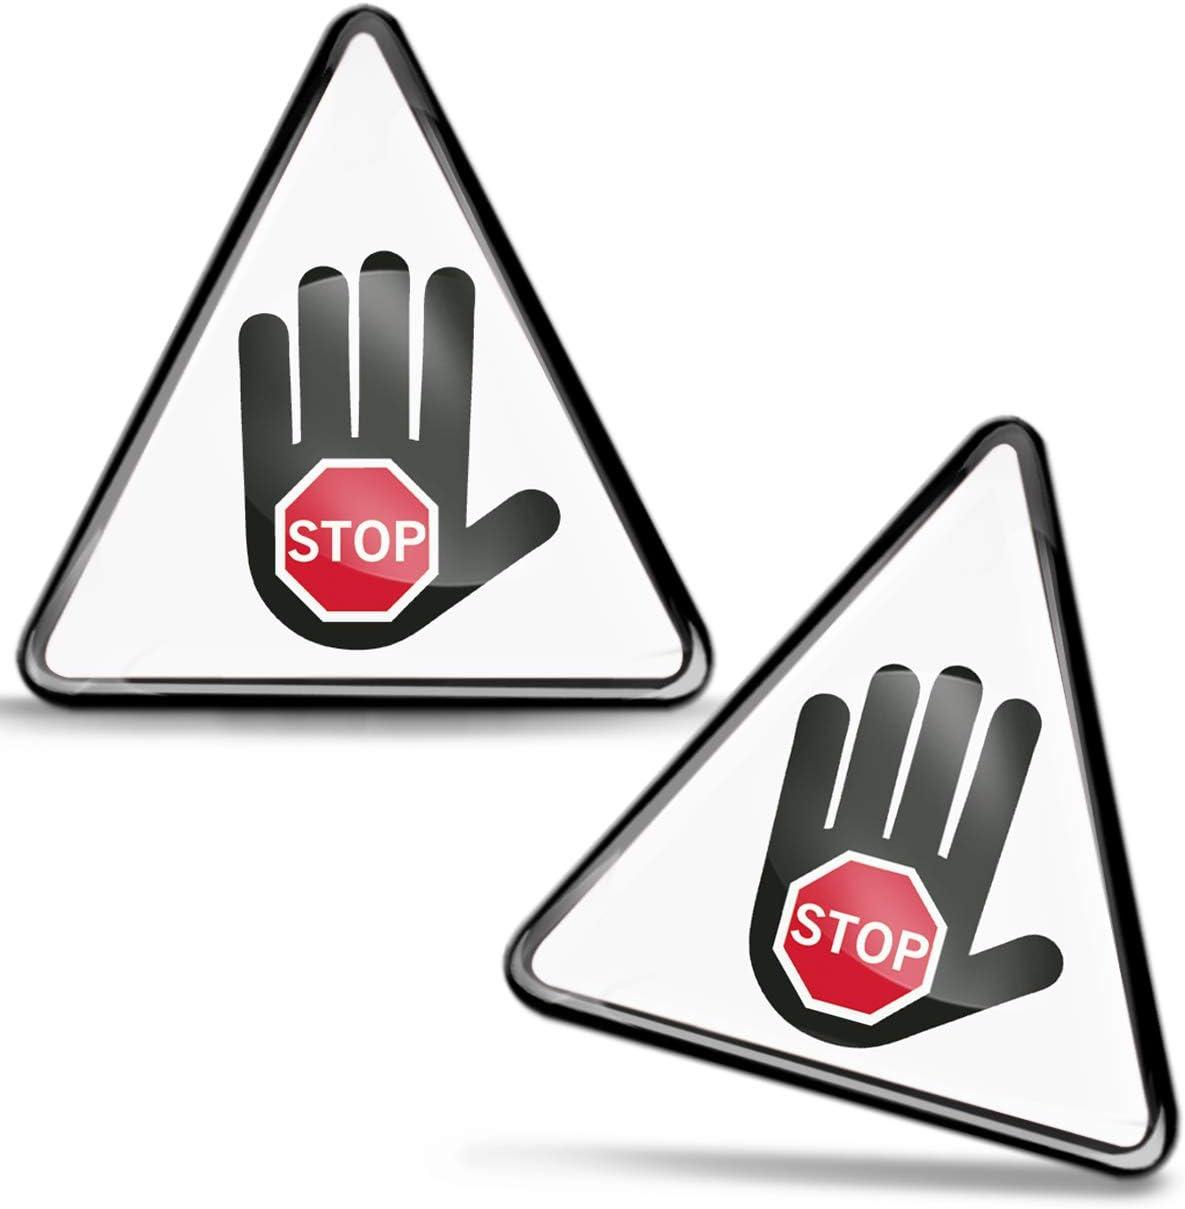 SkinoEu® 2 x 3D Gel Pegatinas Advertencia Seguridad Biológico Biohazard Toxico Precaución Detener Firmar Peligro Adhesiva Señal Riesgo Eléctrico Sécurité Radiactivos Símbolo Seguridad KS 126